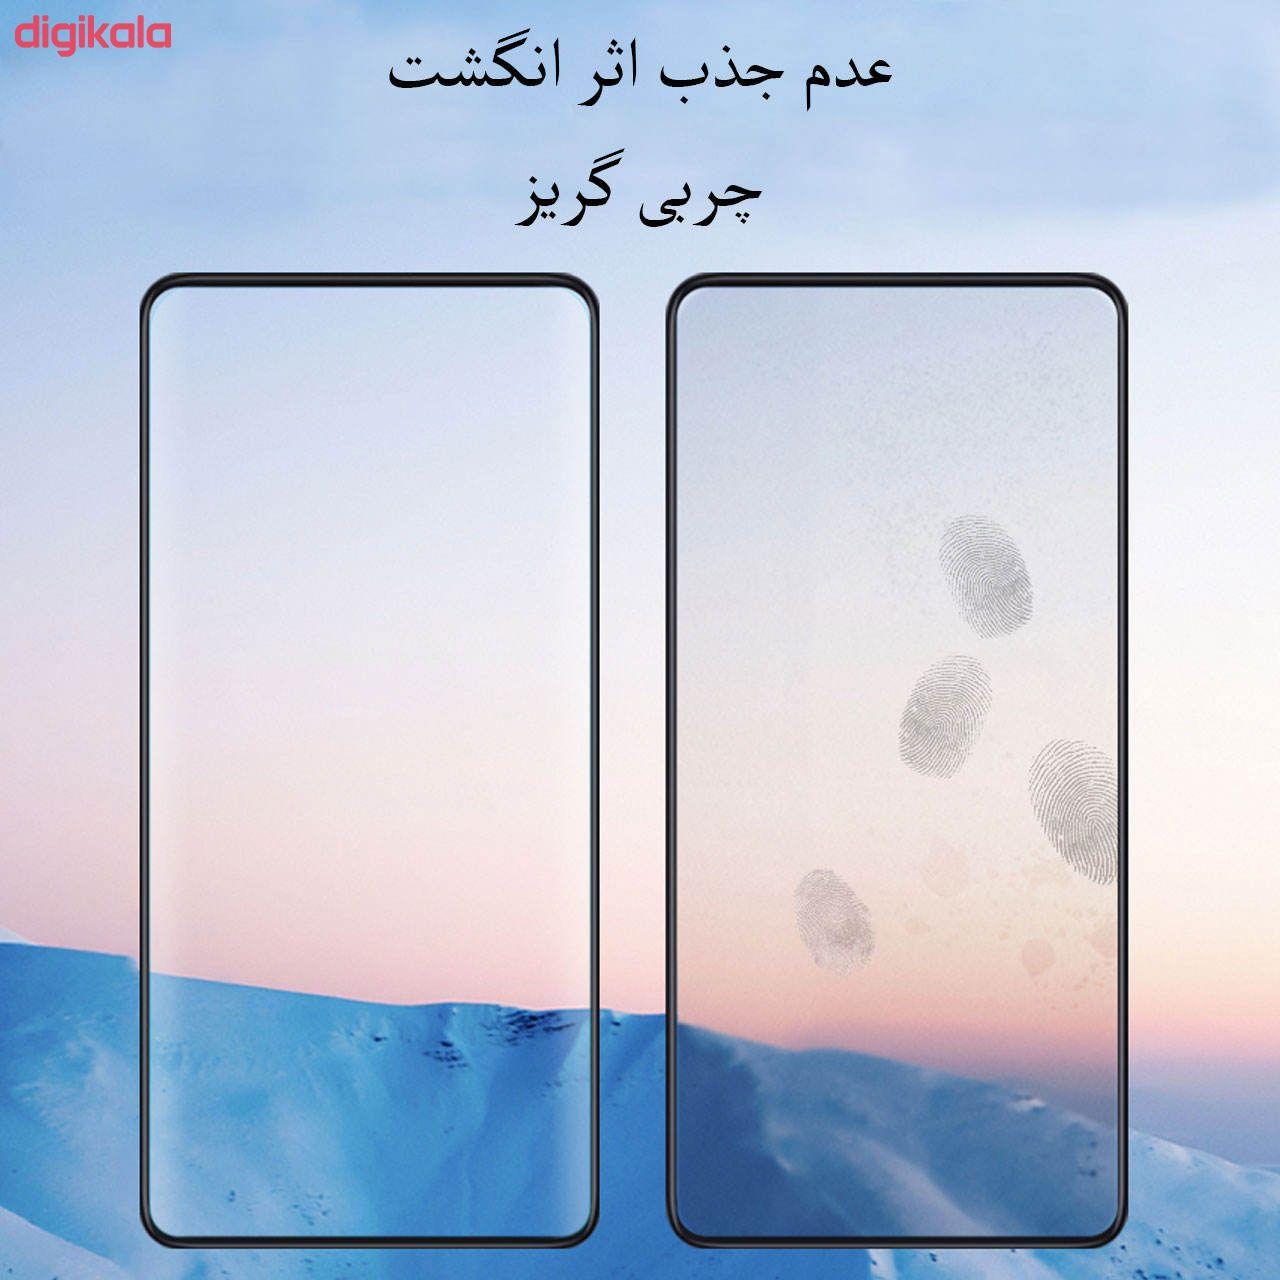 محافظ صفحه نمایش زیرو مدل SDZ-01 مناسب برای گوشی موبایل سامسونگ Galaxy J5 2015 main 1 13